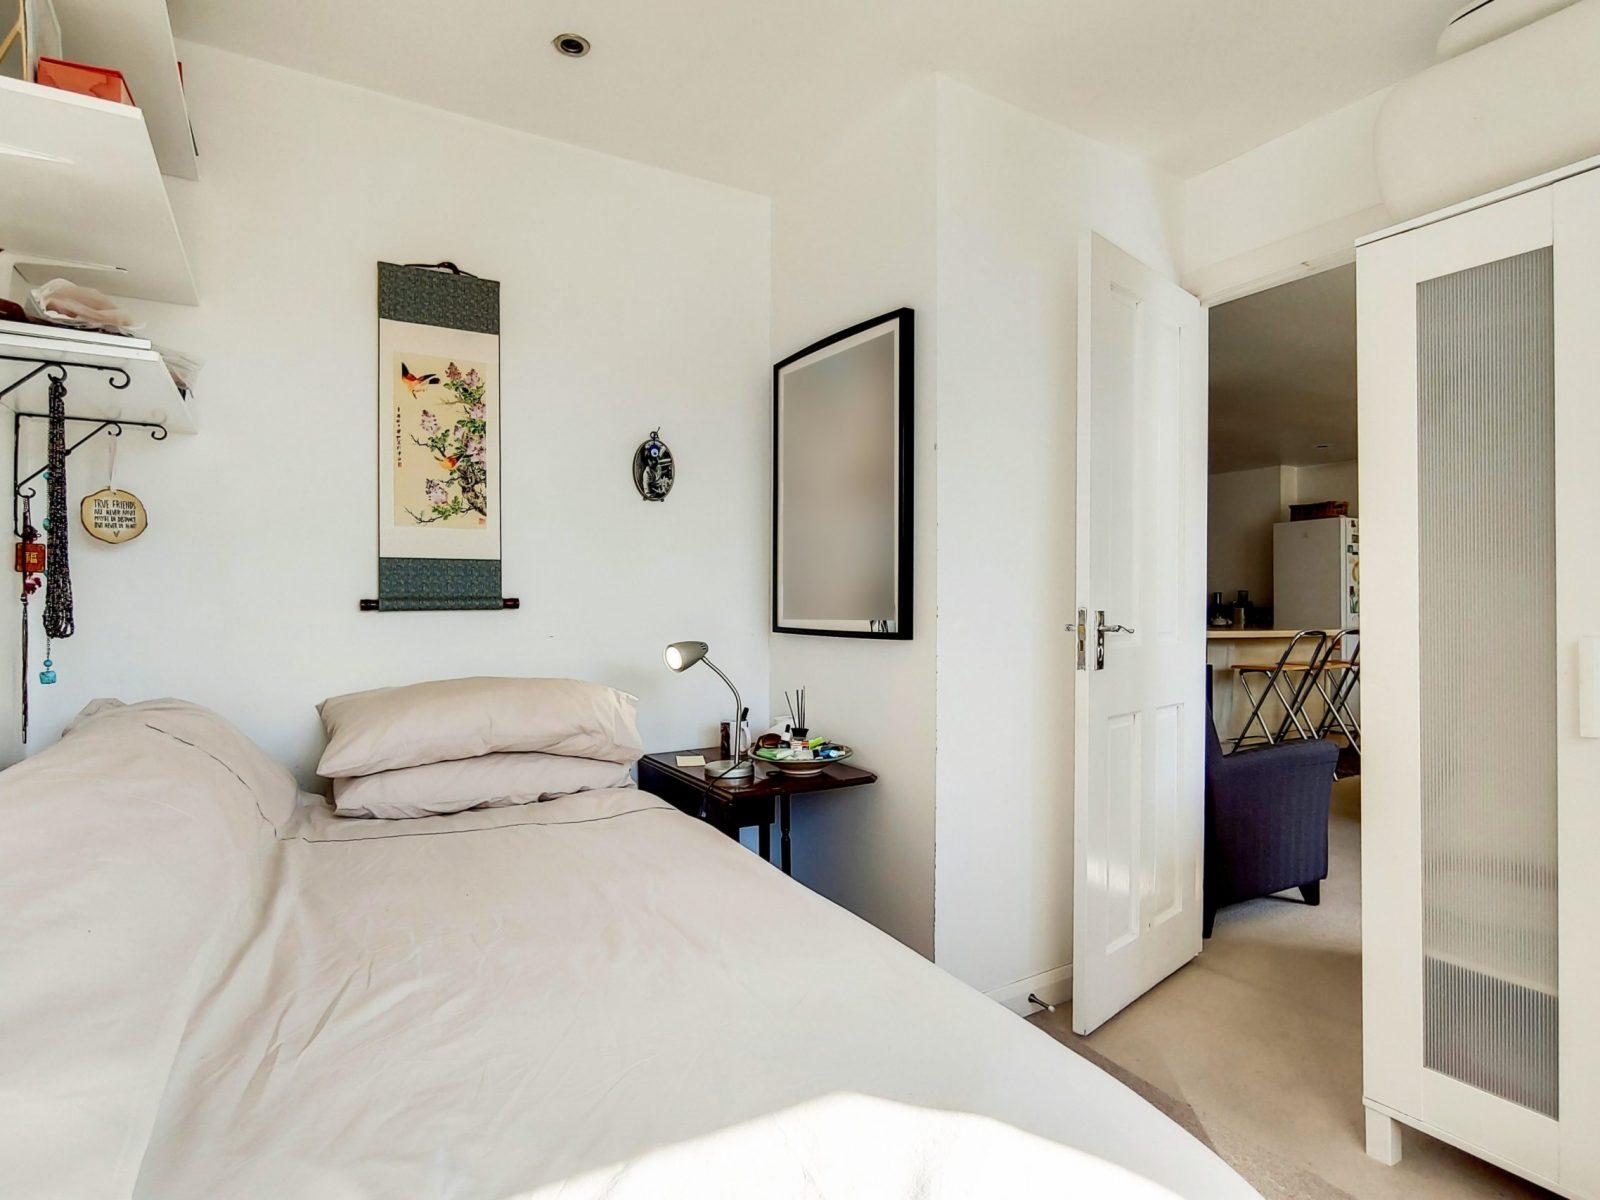 3_Bedroom 3-1